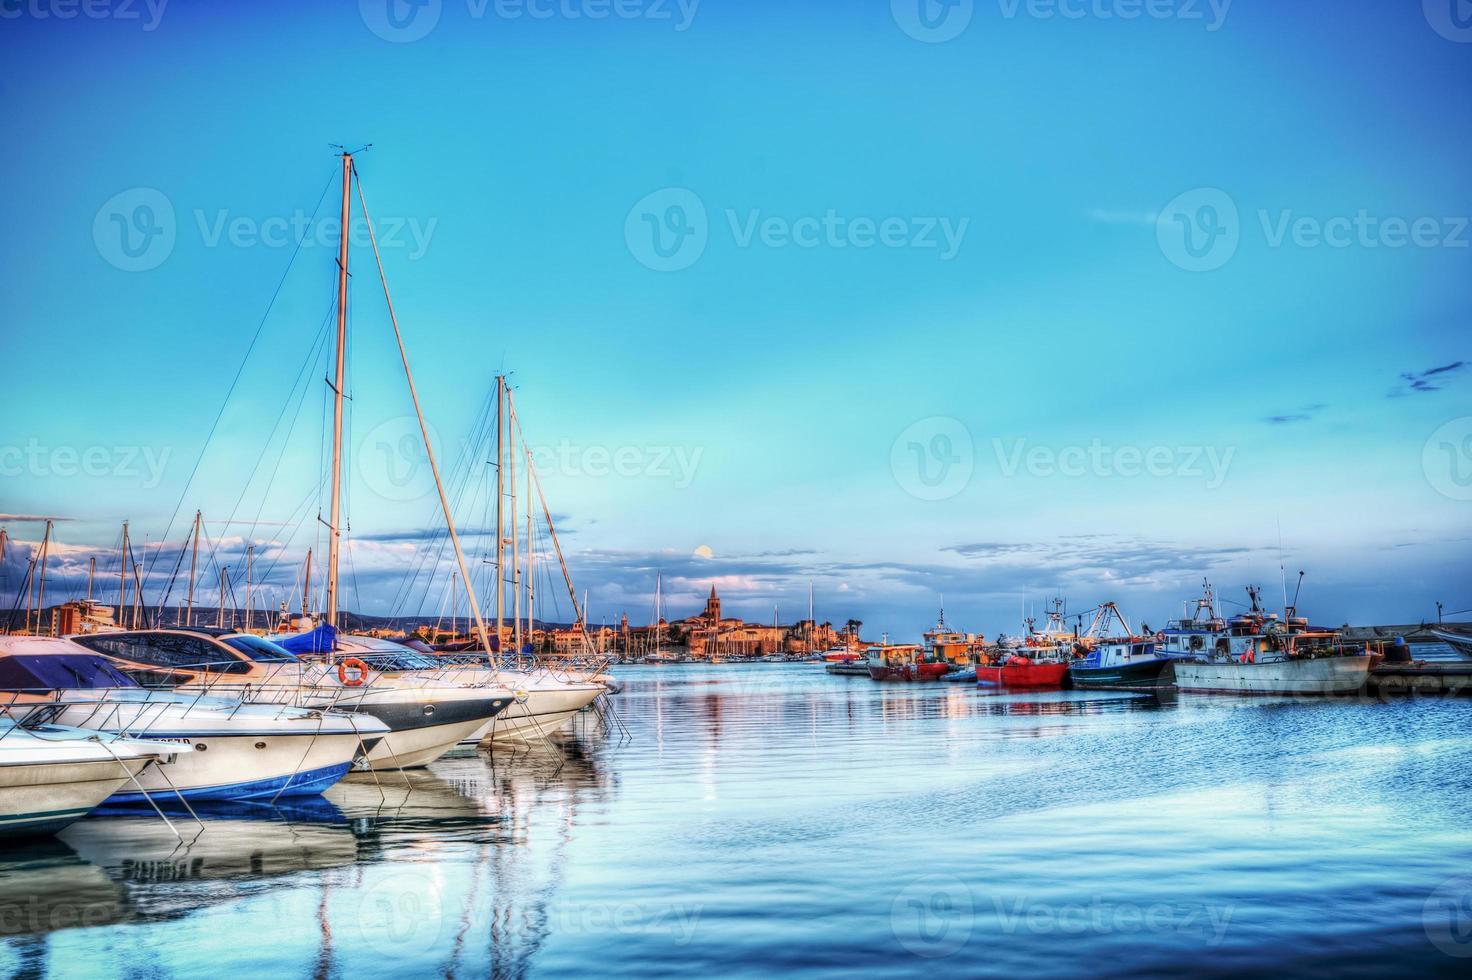 barcos no porto de alghero em HDR foto